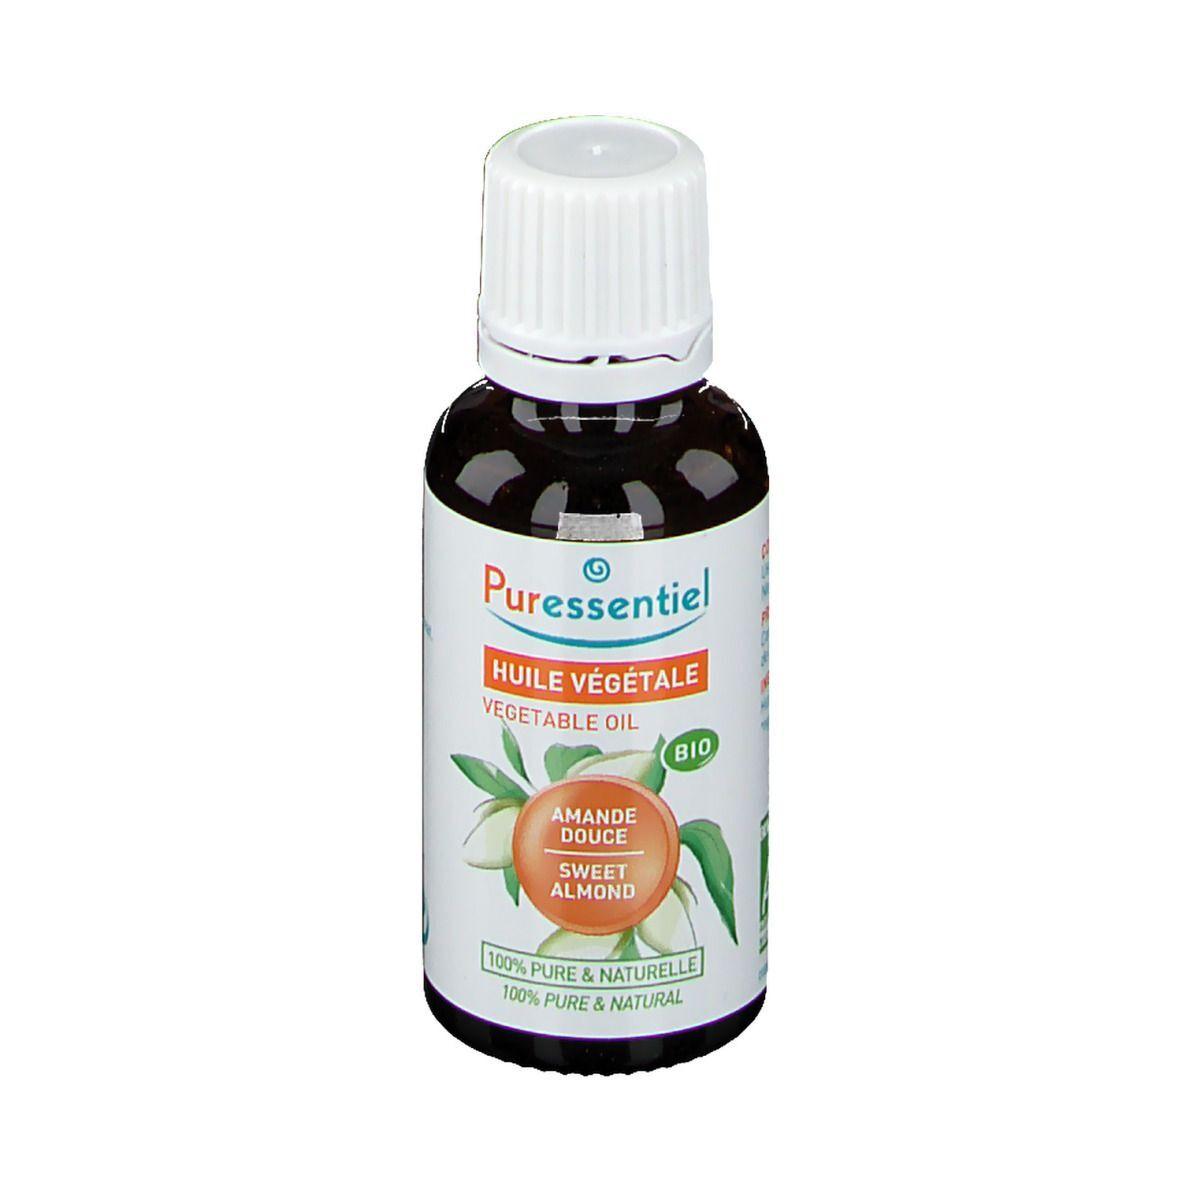 Puressentiel Huile végétale Amande douce Bio ml huile